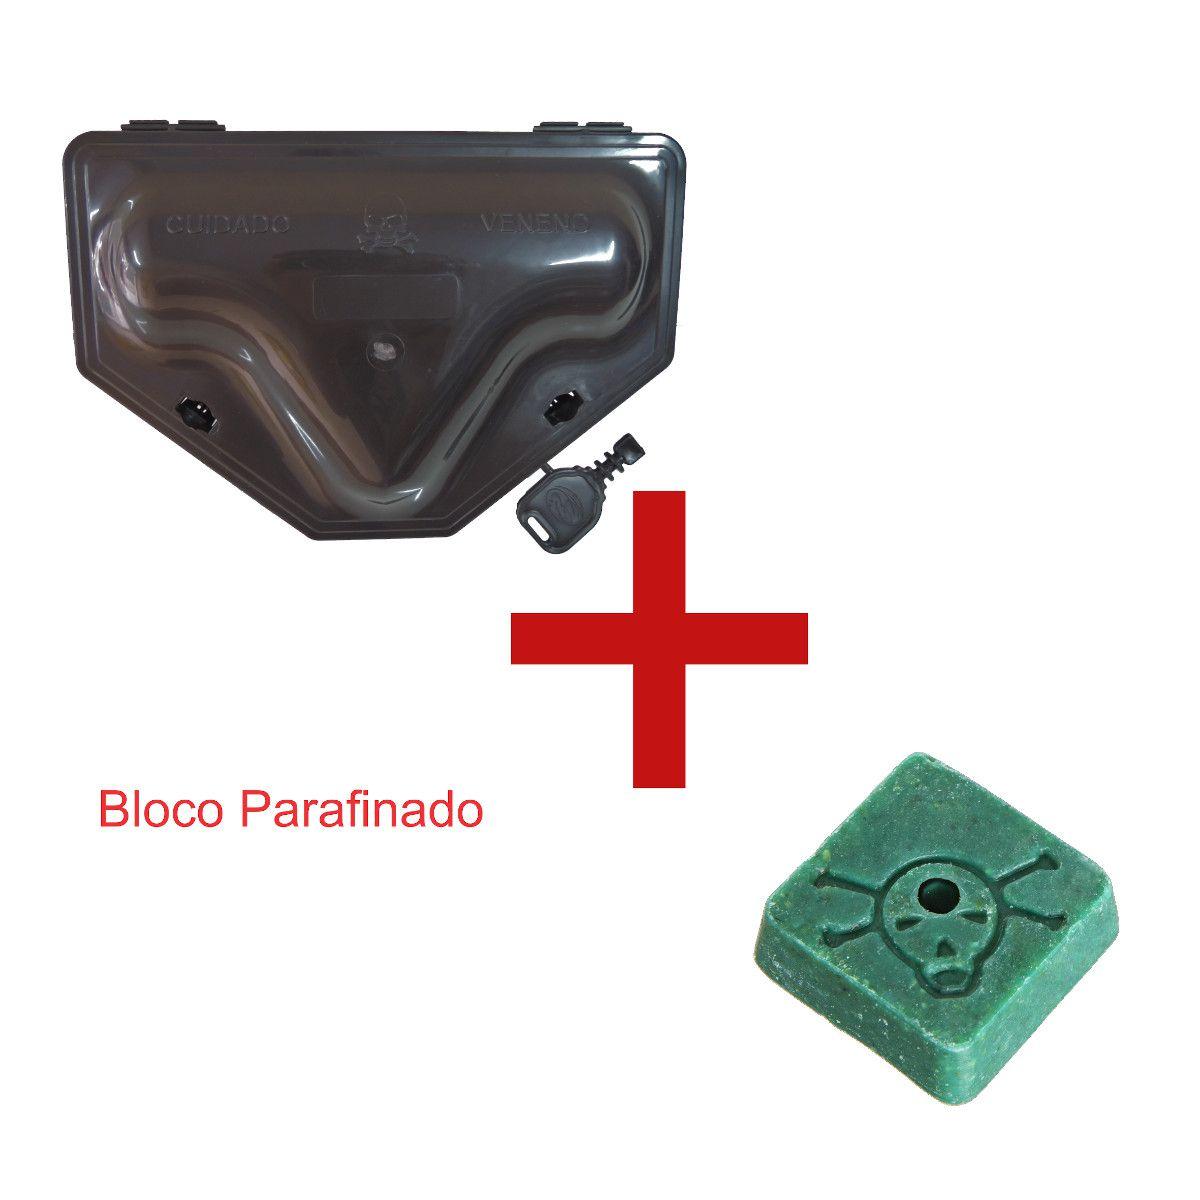 85 Porta Iscas C/ Duplo Travamento + 85 Bloco Parafinado